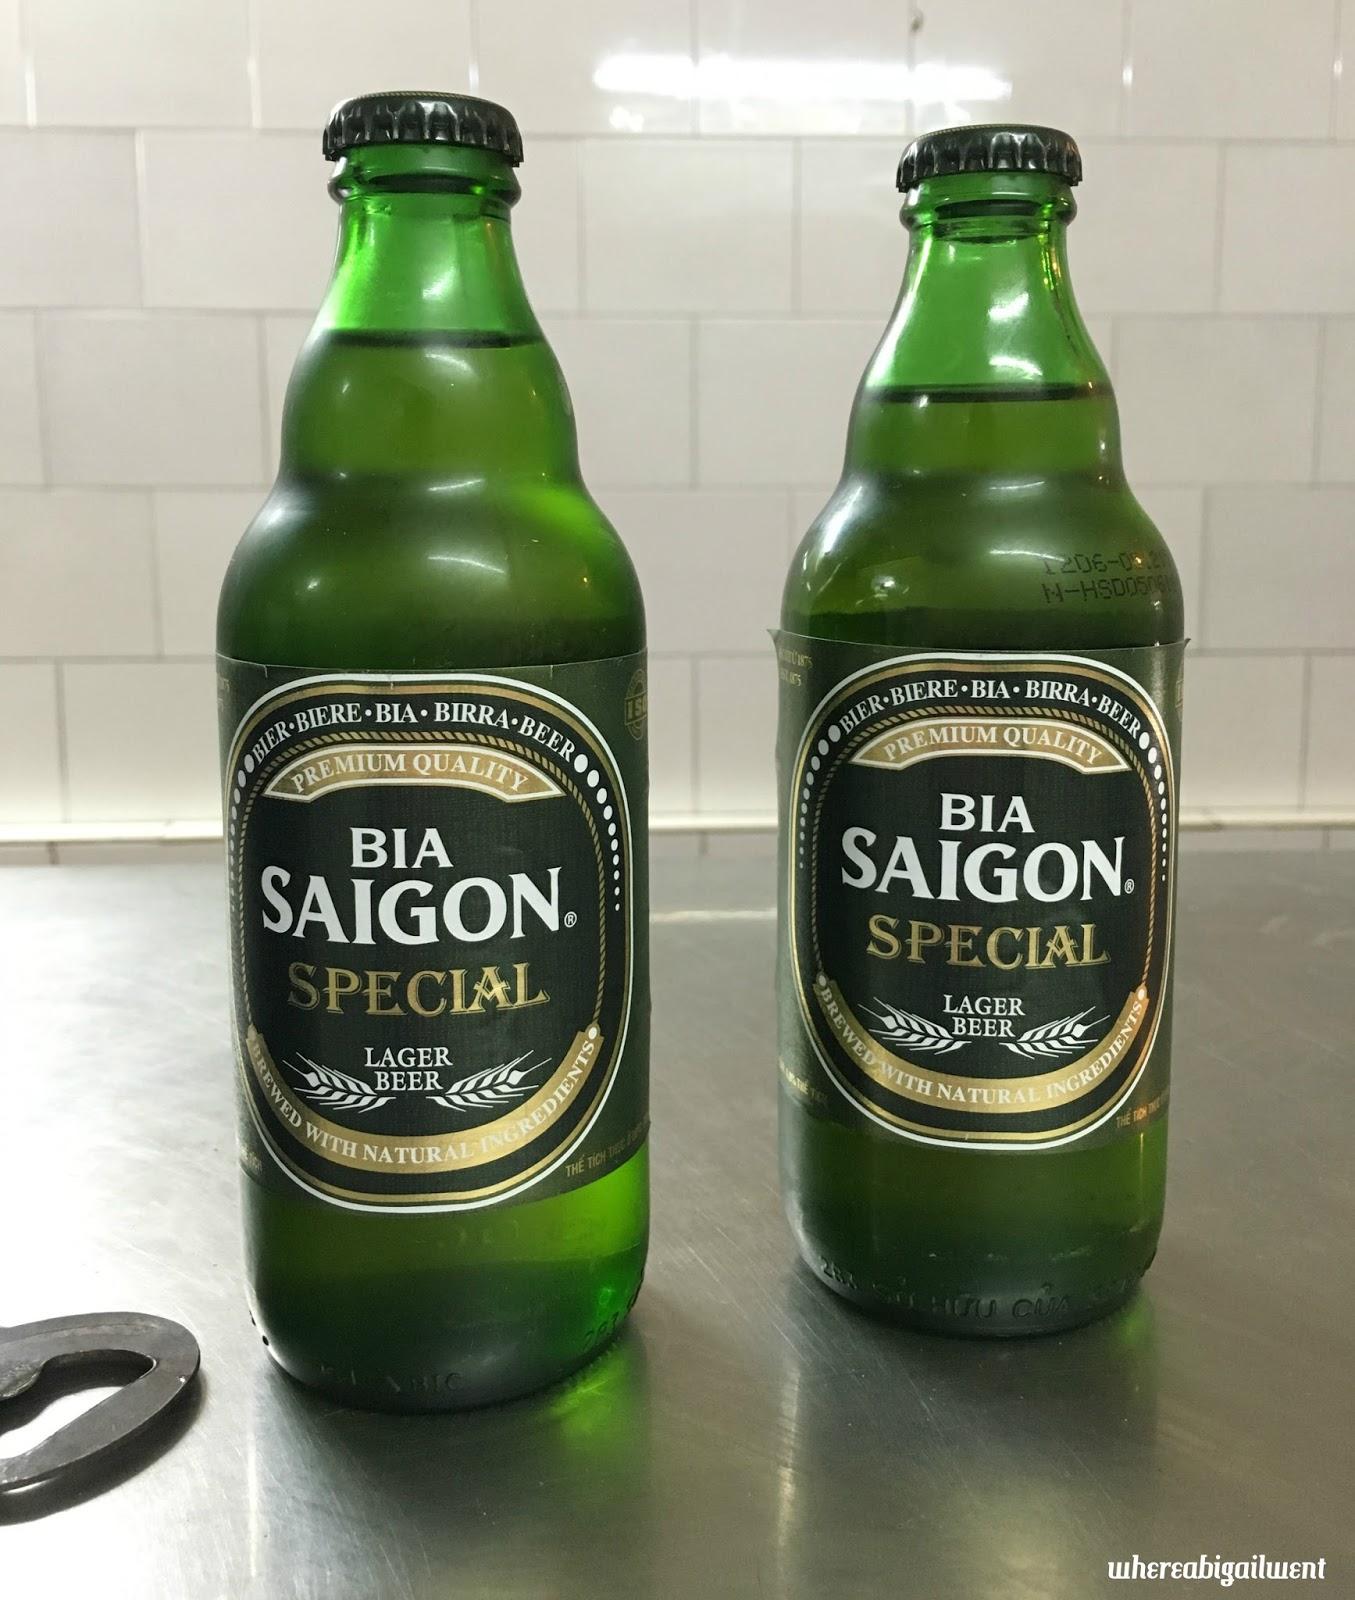 Bia Saigon is Vietnam's better beer